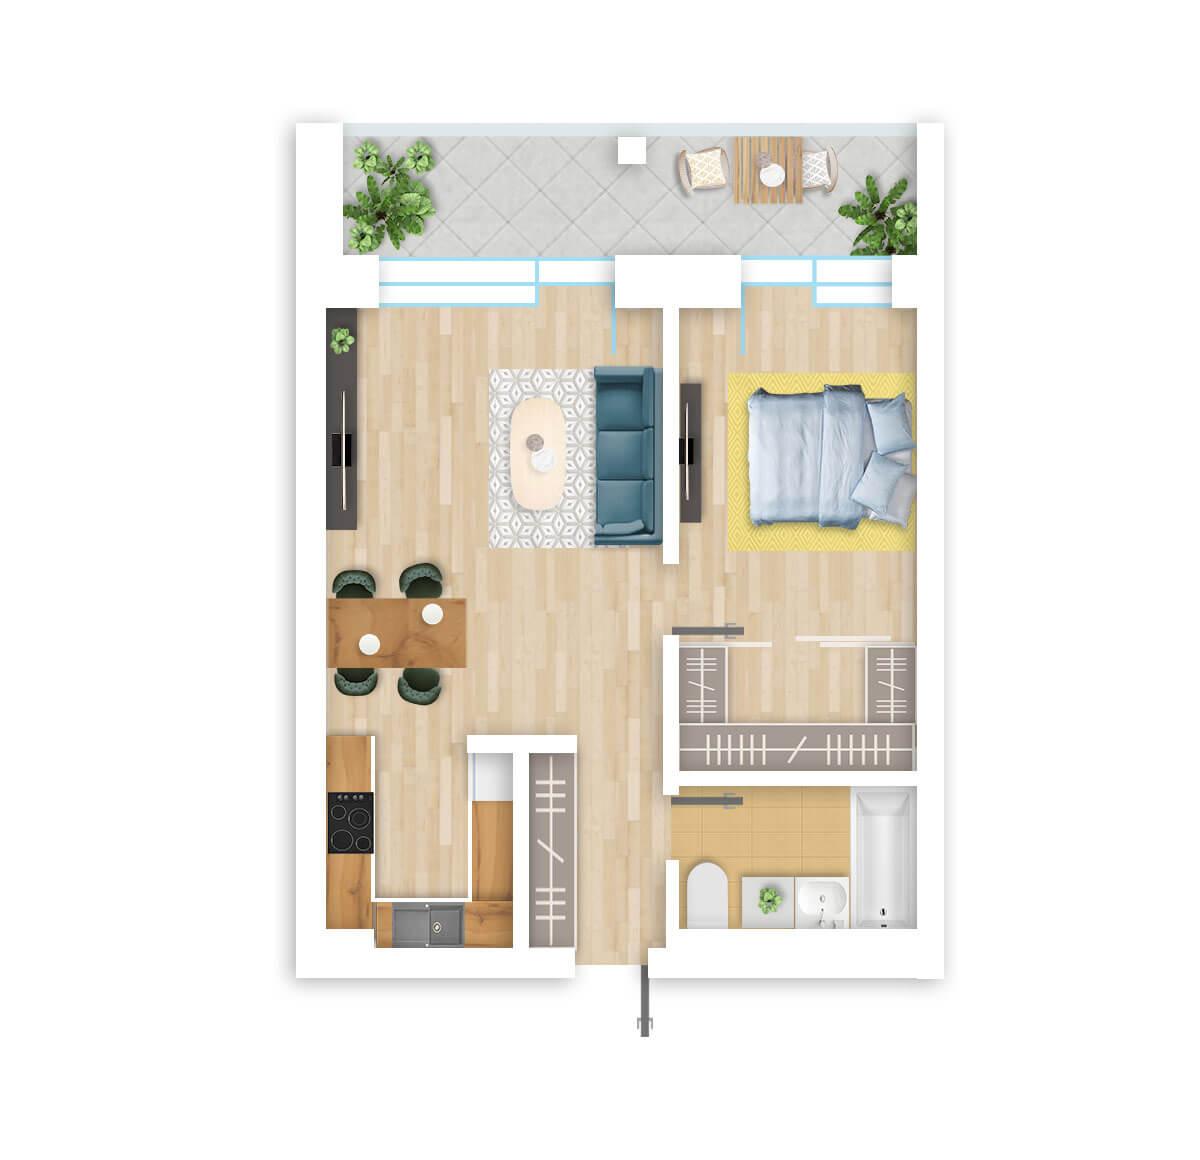 parduodamas butas Lazdynėlių g. 16B - 36 Vilniuje, buto 3D vaizdas